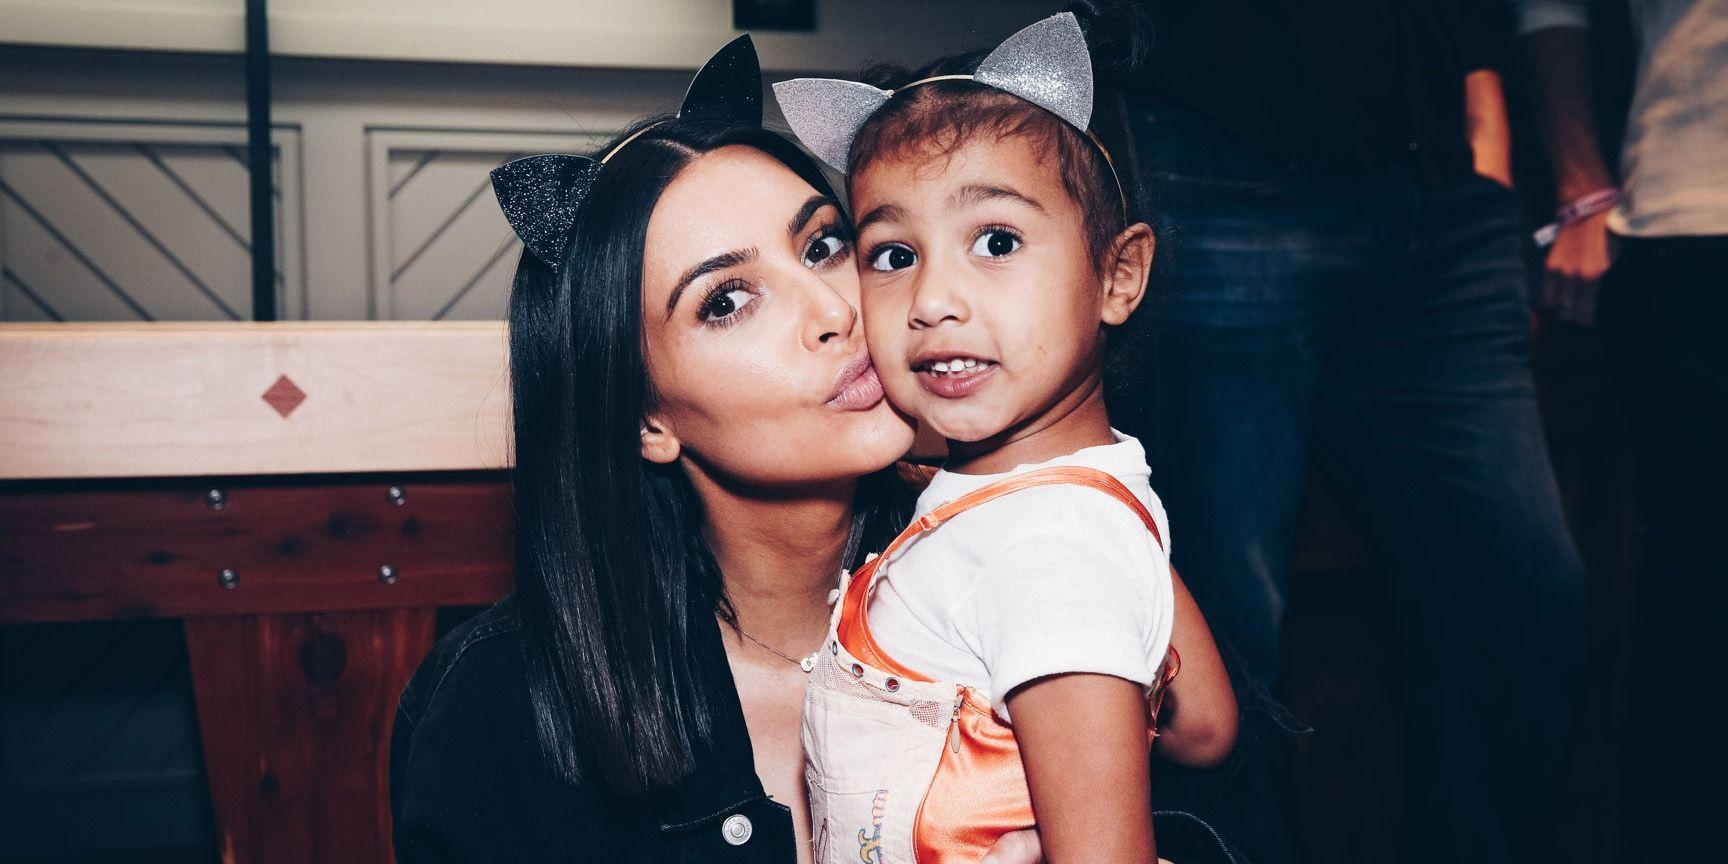 Вся в маму: дочка Ким Кардашьян показала самый модный макияж этого сезона